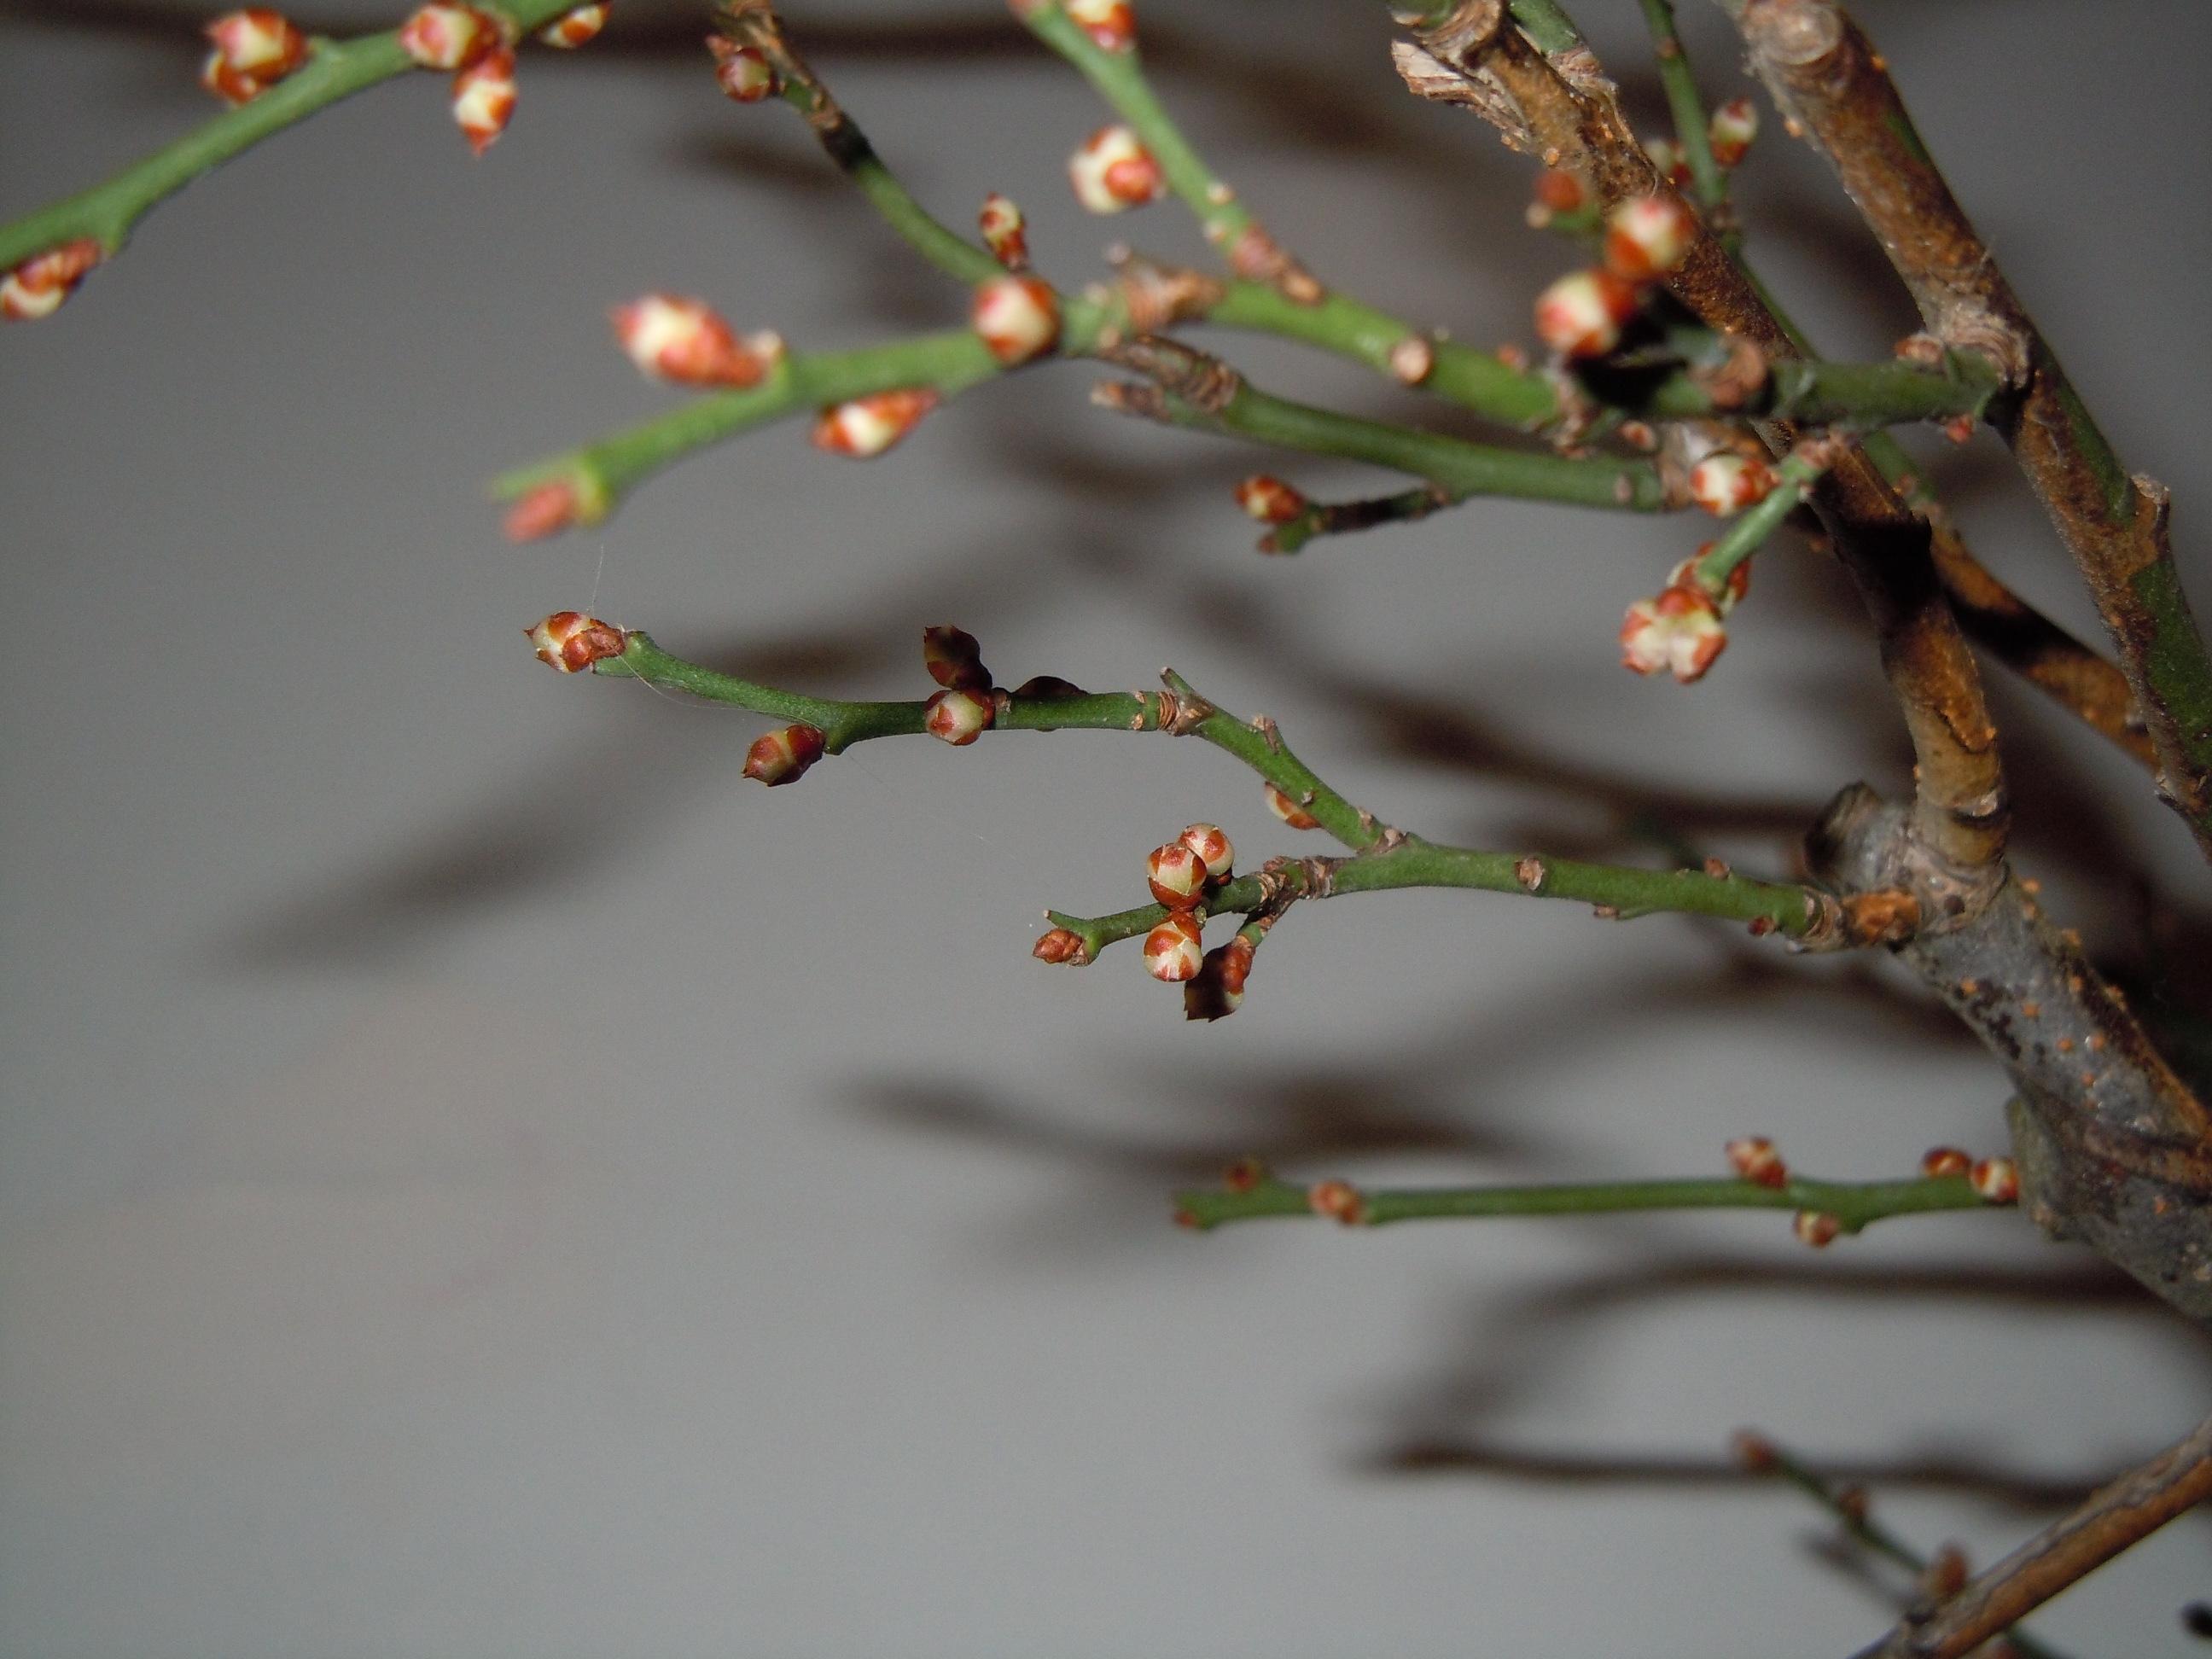 Prunus%20Mume2%202013%20(8).JPG